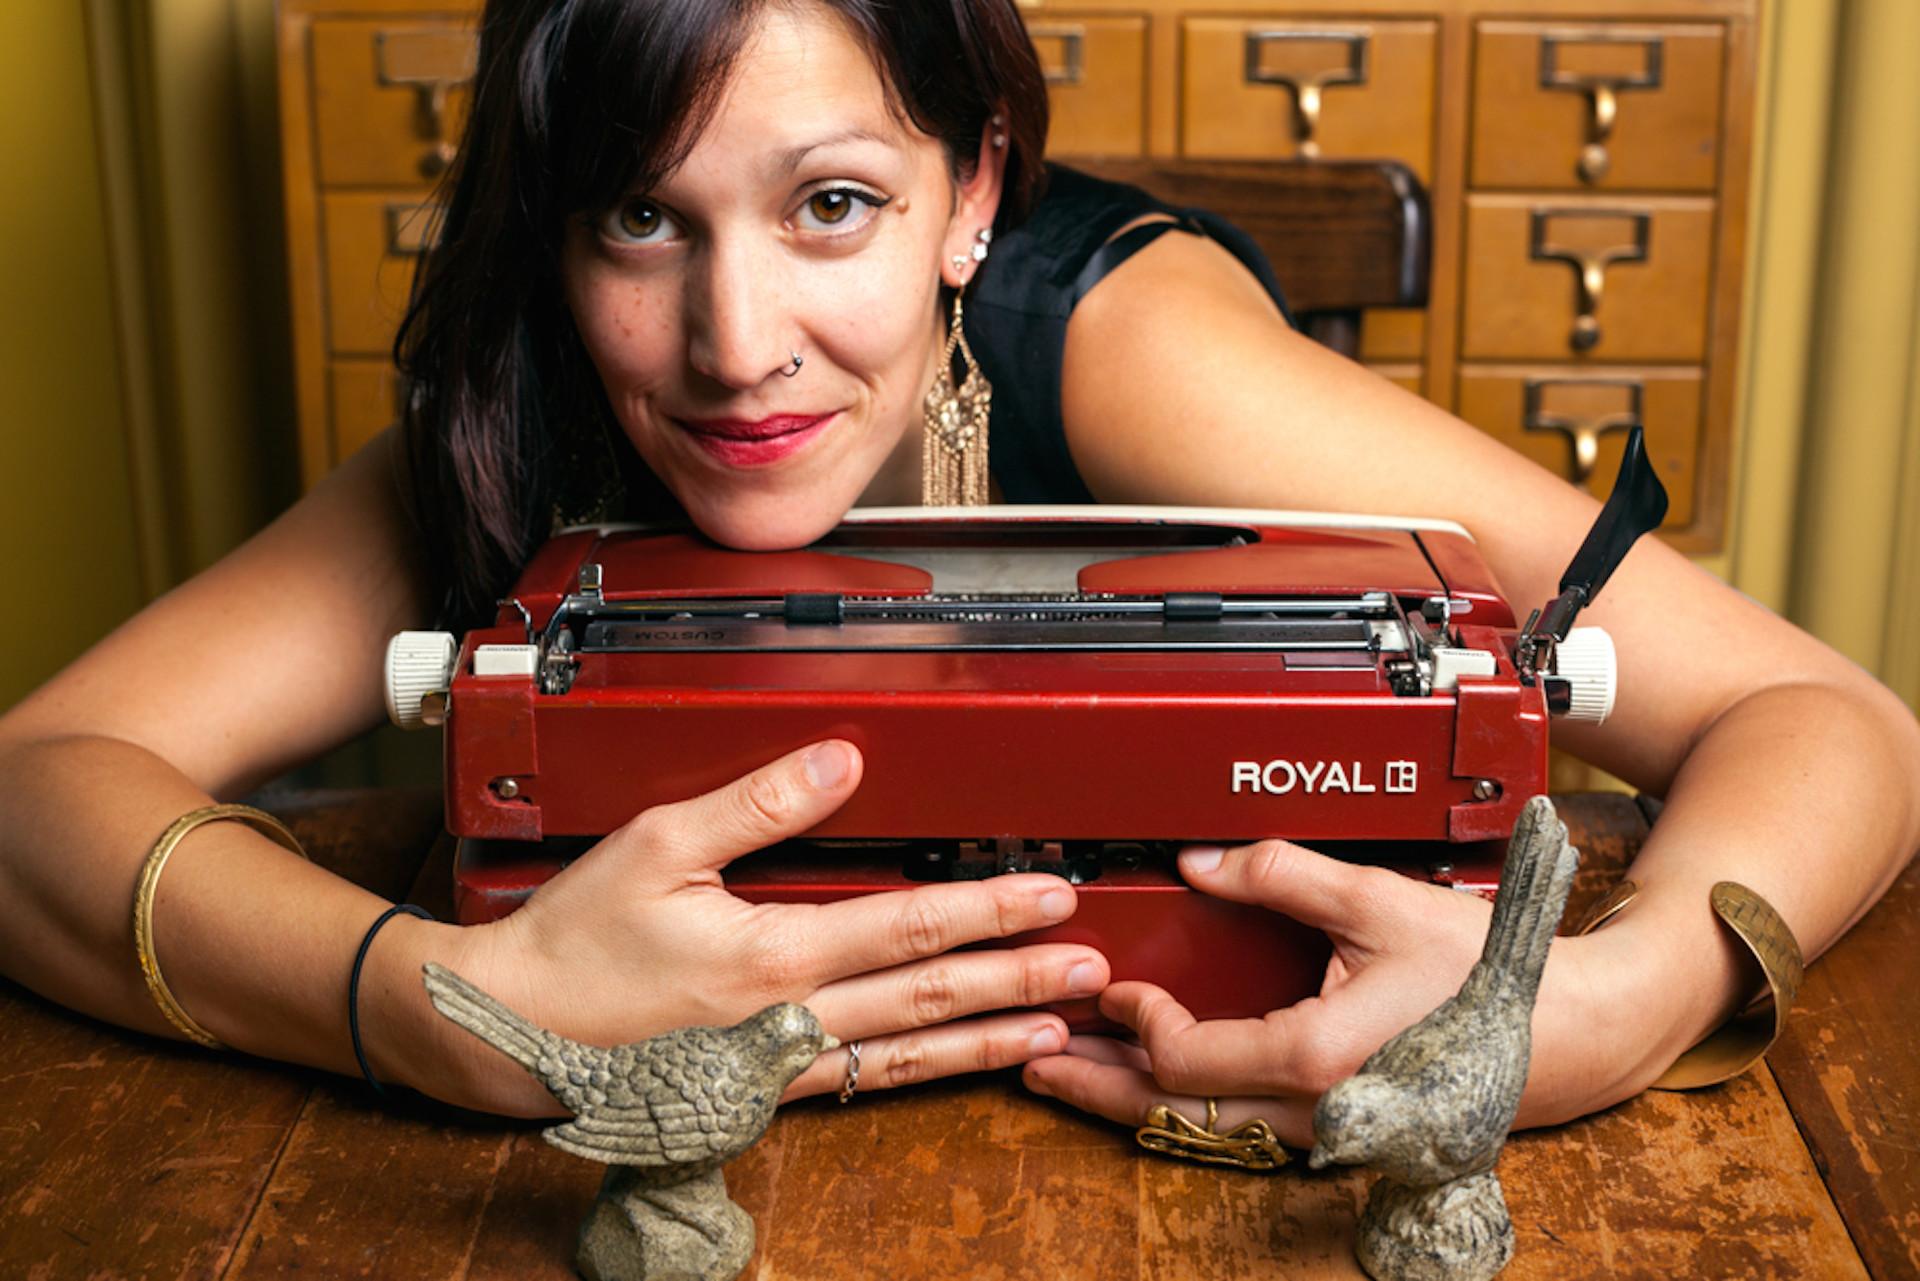 San Francisco's Typewriter Poet Brings Art Back to Analog